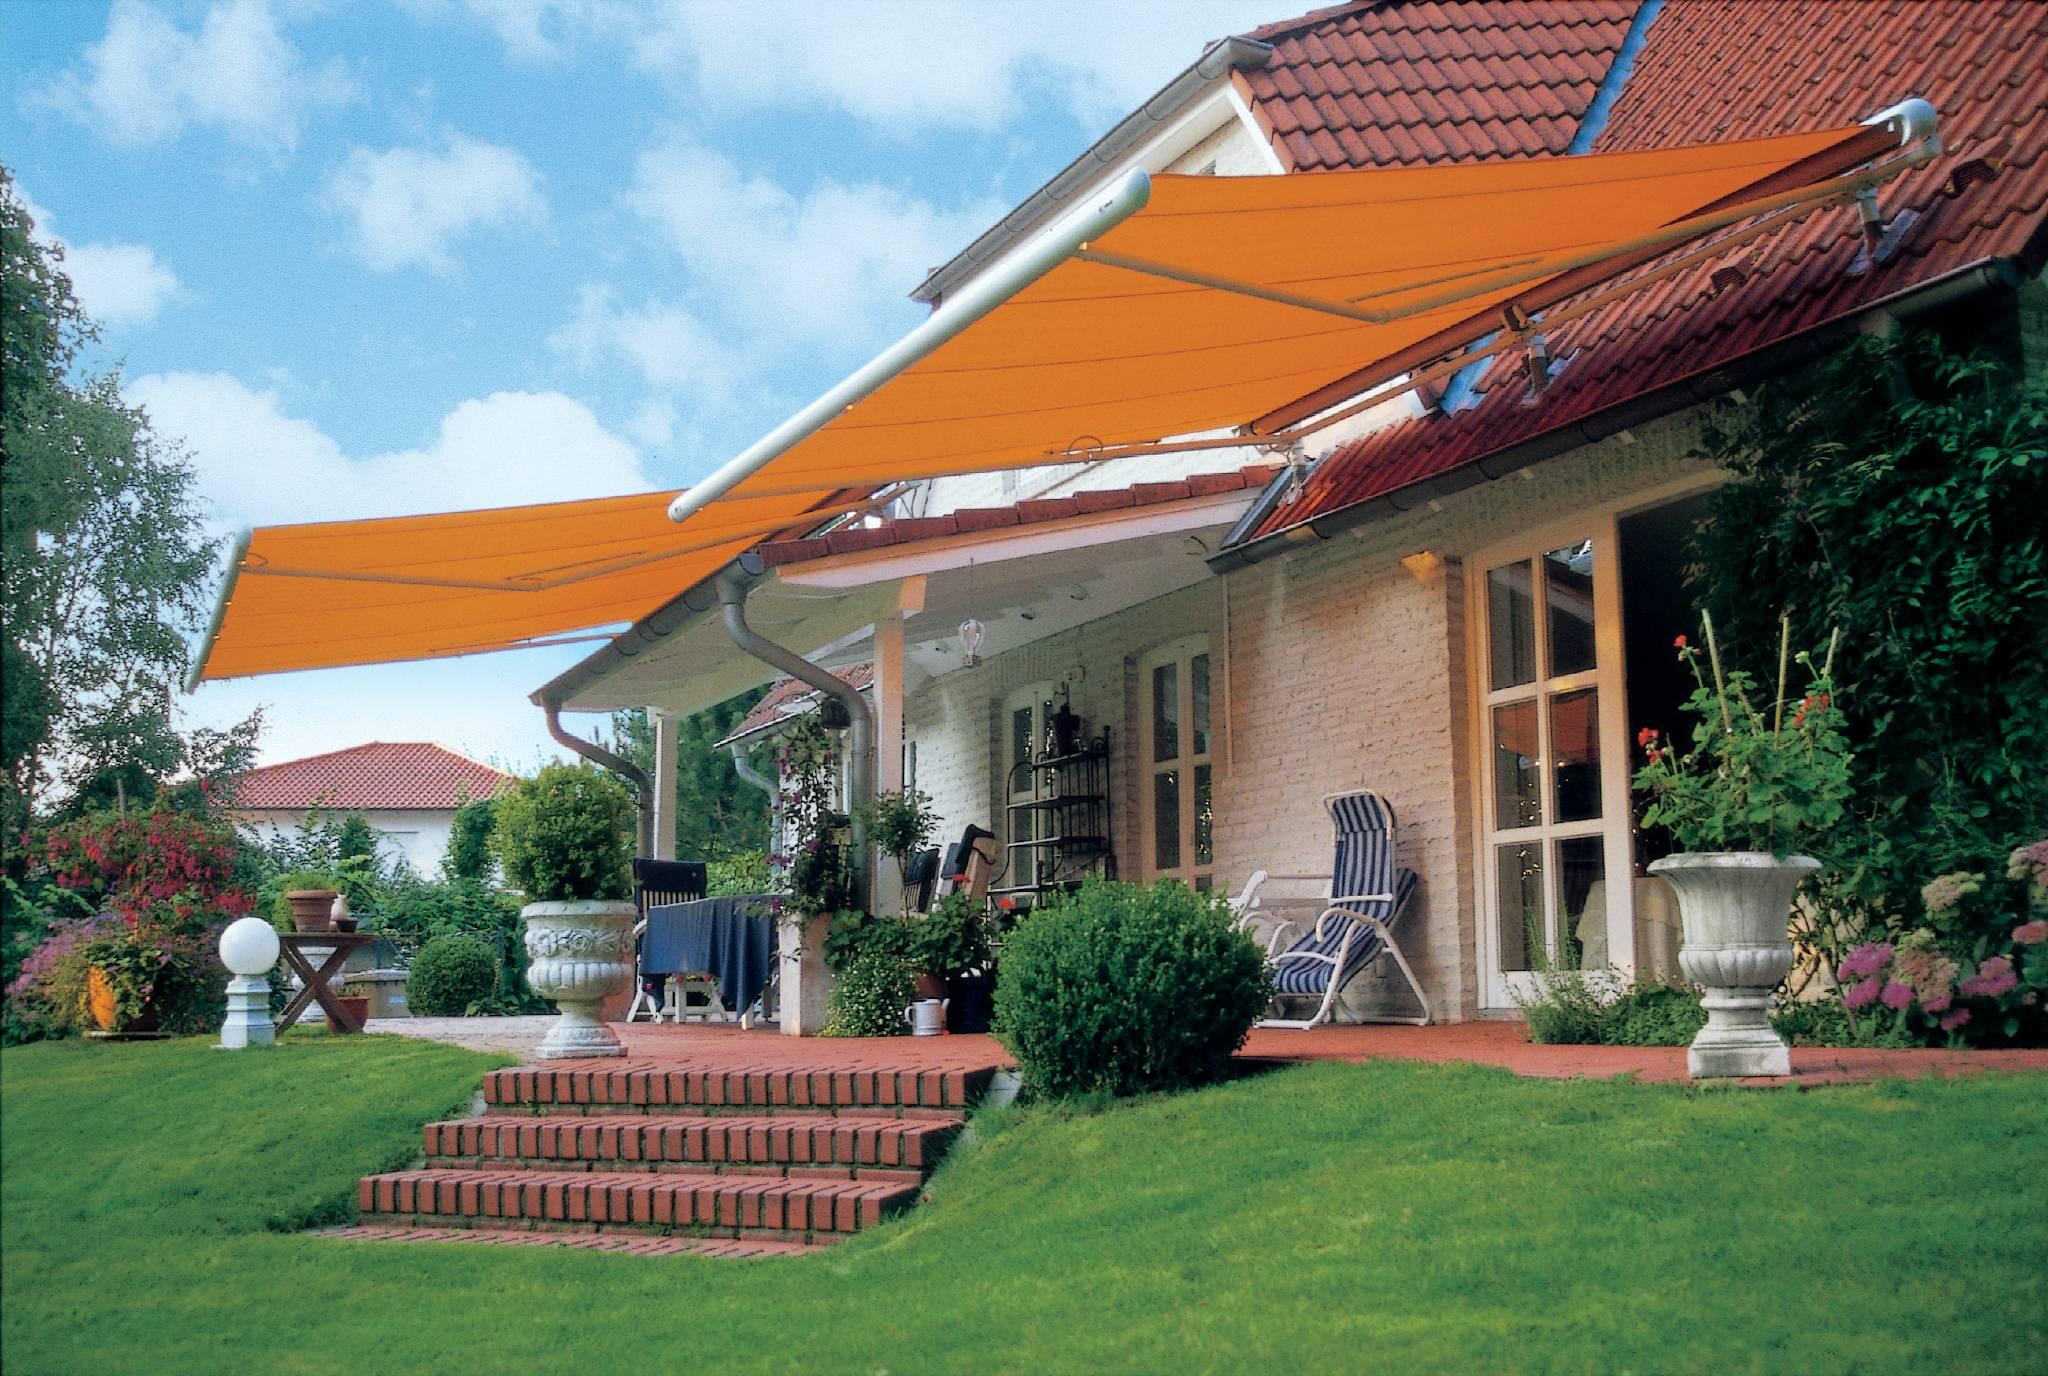 Orange Markilux 1500